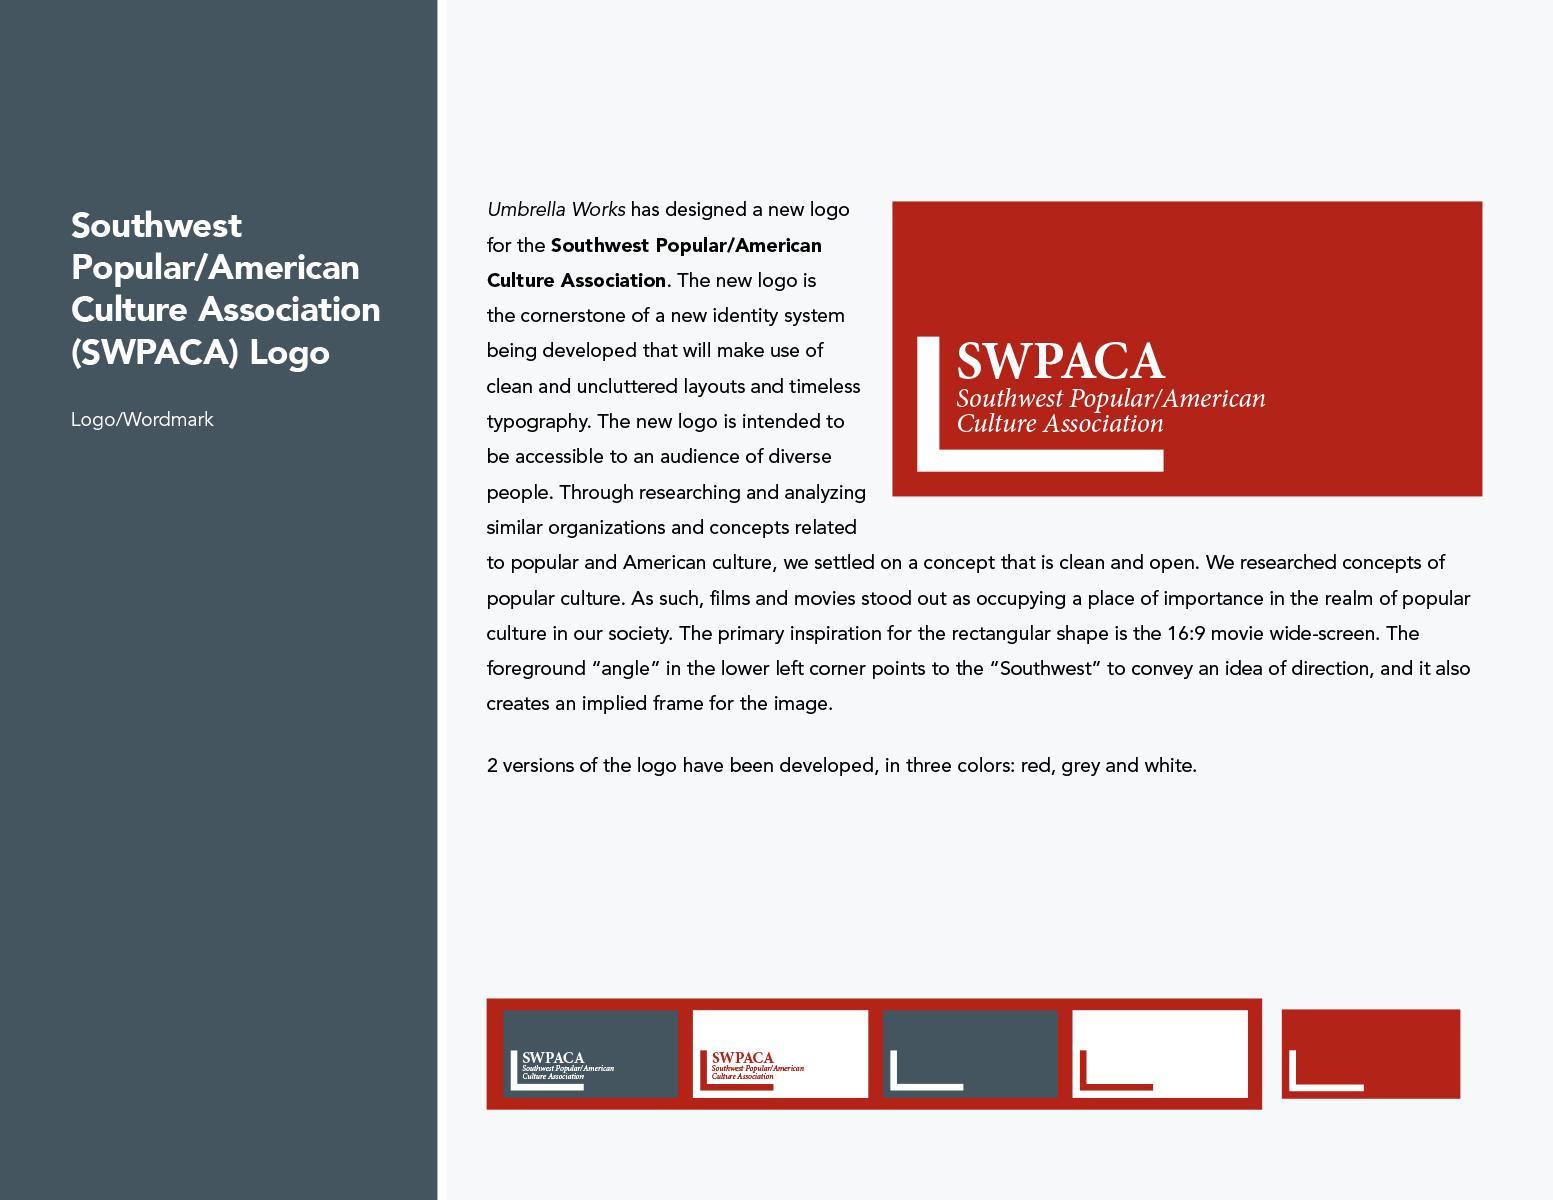 10-18-2016-Umbworks-Design-Samples-36